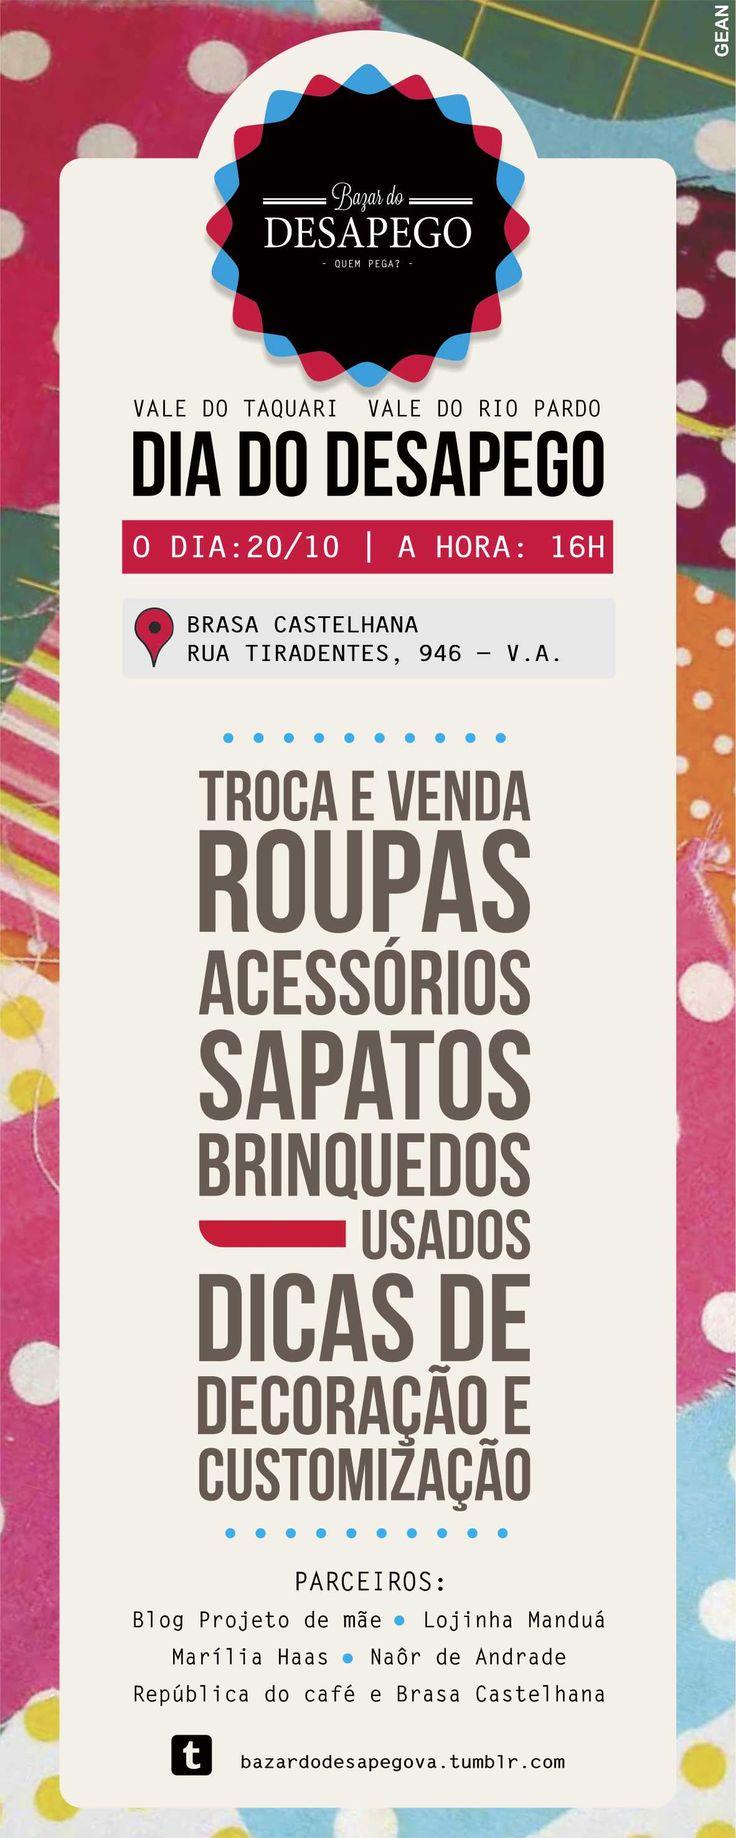 Convite, e também folder para promover o Dia do Desapego. Evento criado pelo grupo de vendas e trocas de roupa online Bazar do Desapego.